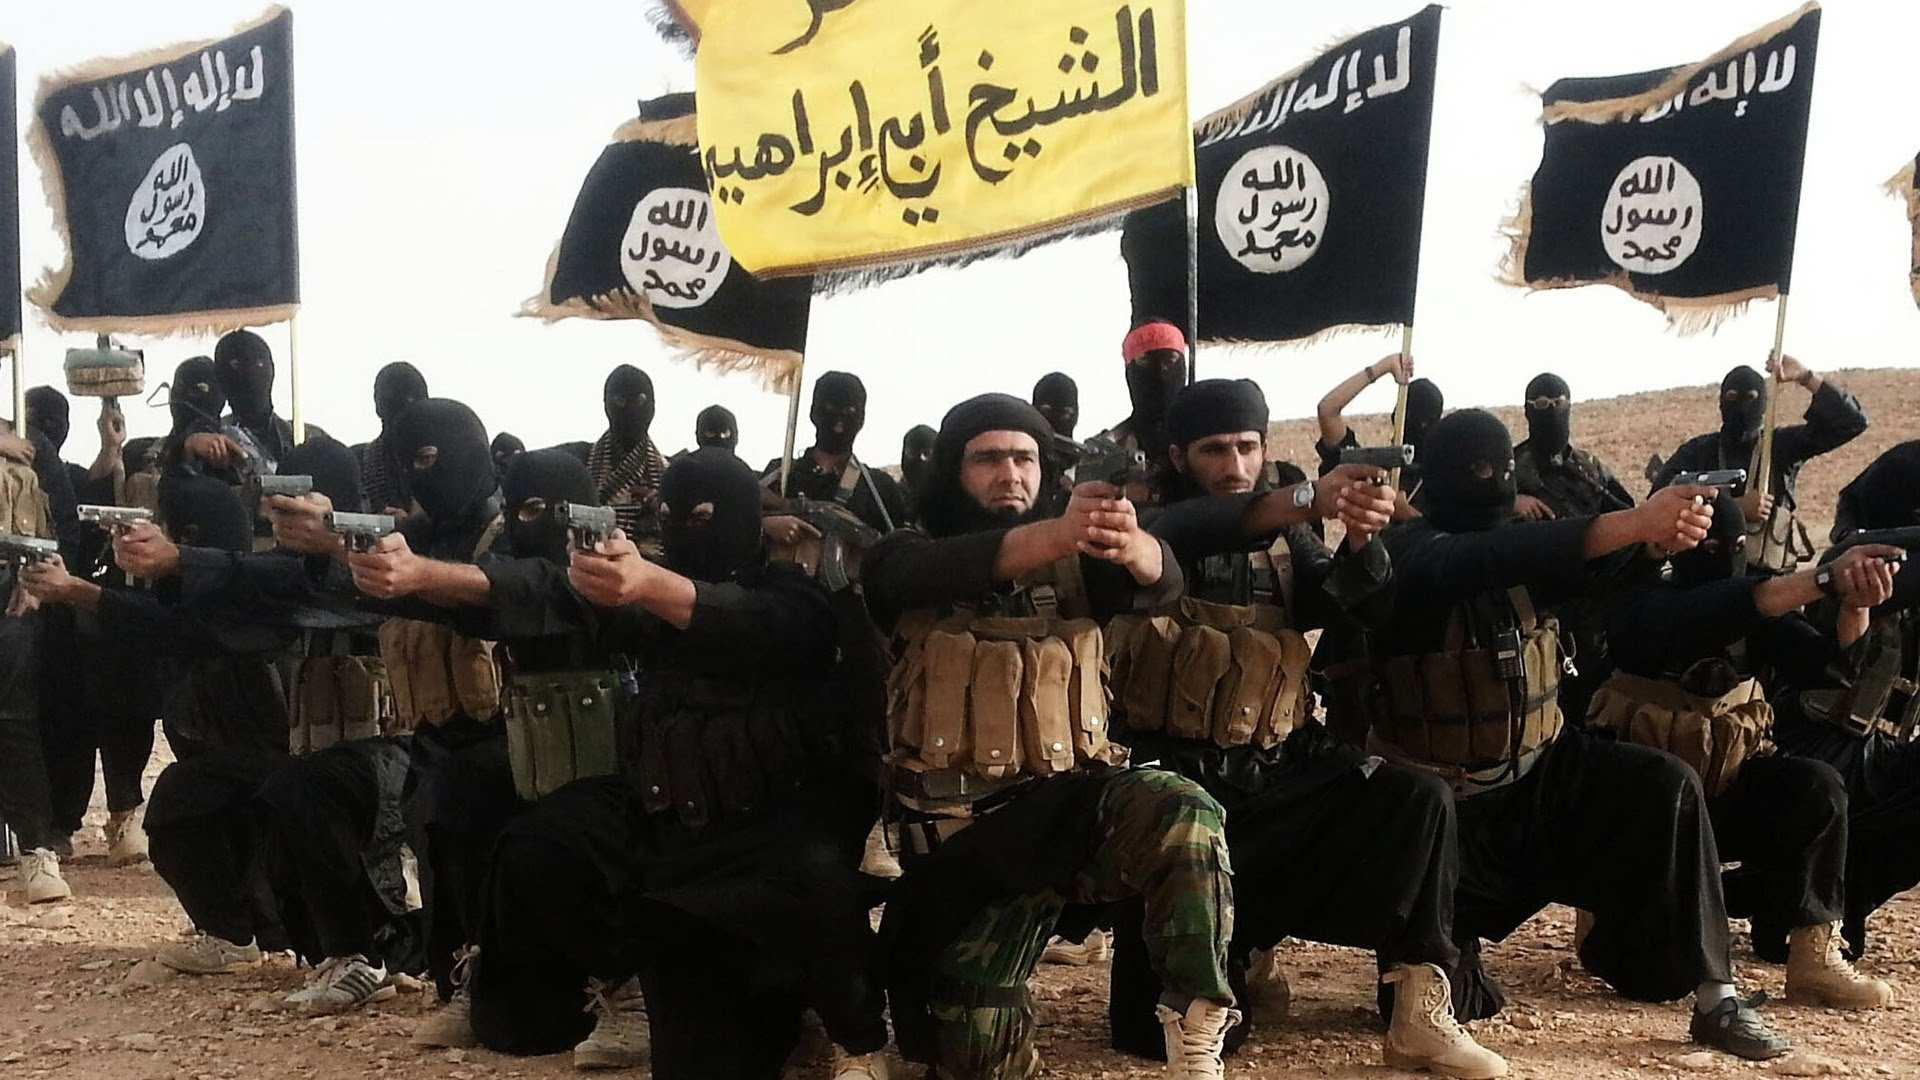 Директор школы в Сирии, где погибли девять учениц, рассказал подробности нападения боевиков ИГИЛ (ВИДЕО) | Русская весна